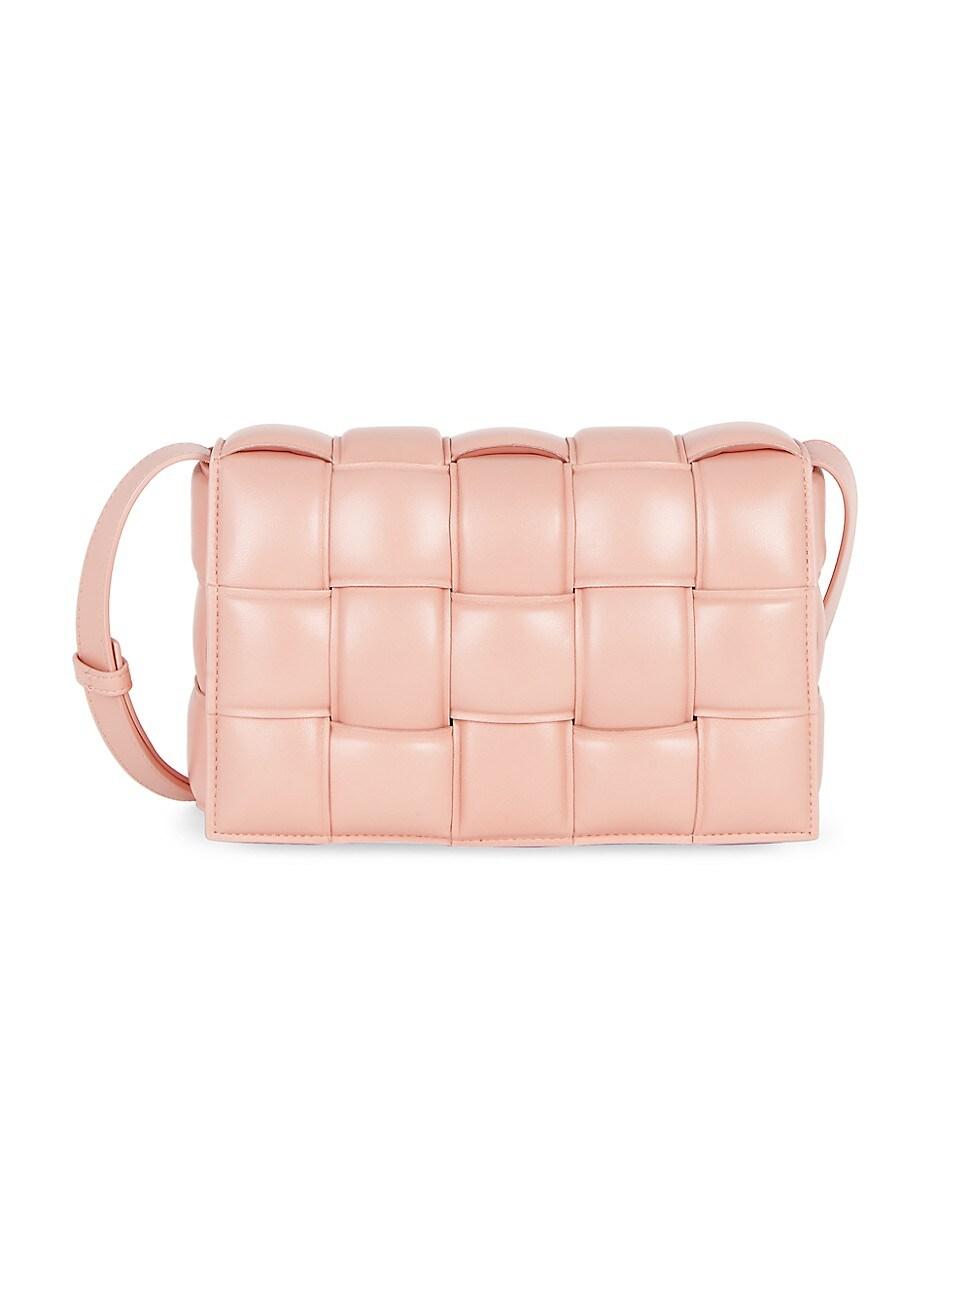 Bottega Veneta Bags WOMEN'S THE CASSETTE PADDED LEATHER CROSSBODY BAG